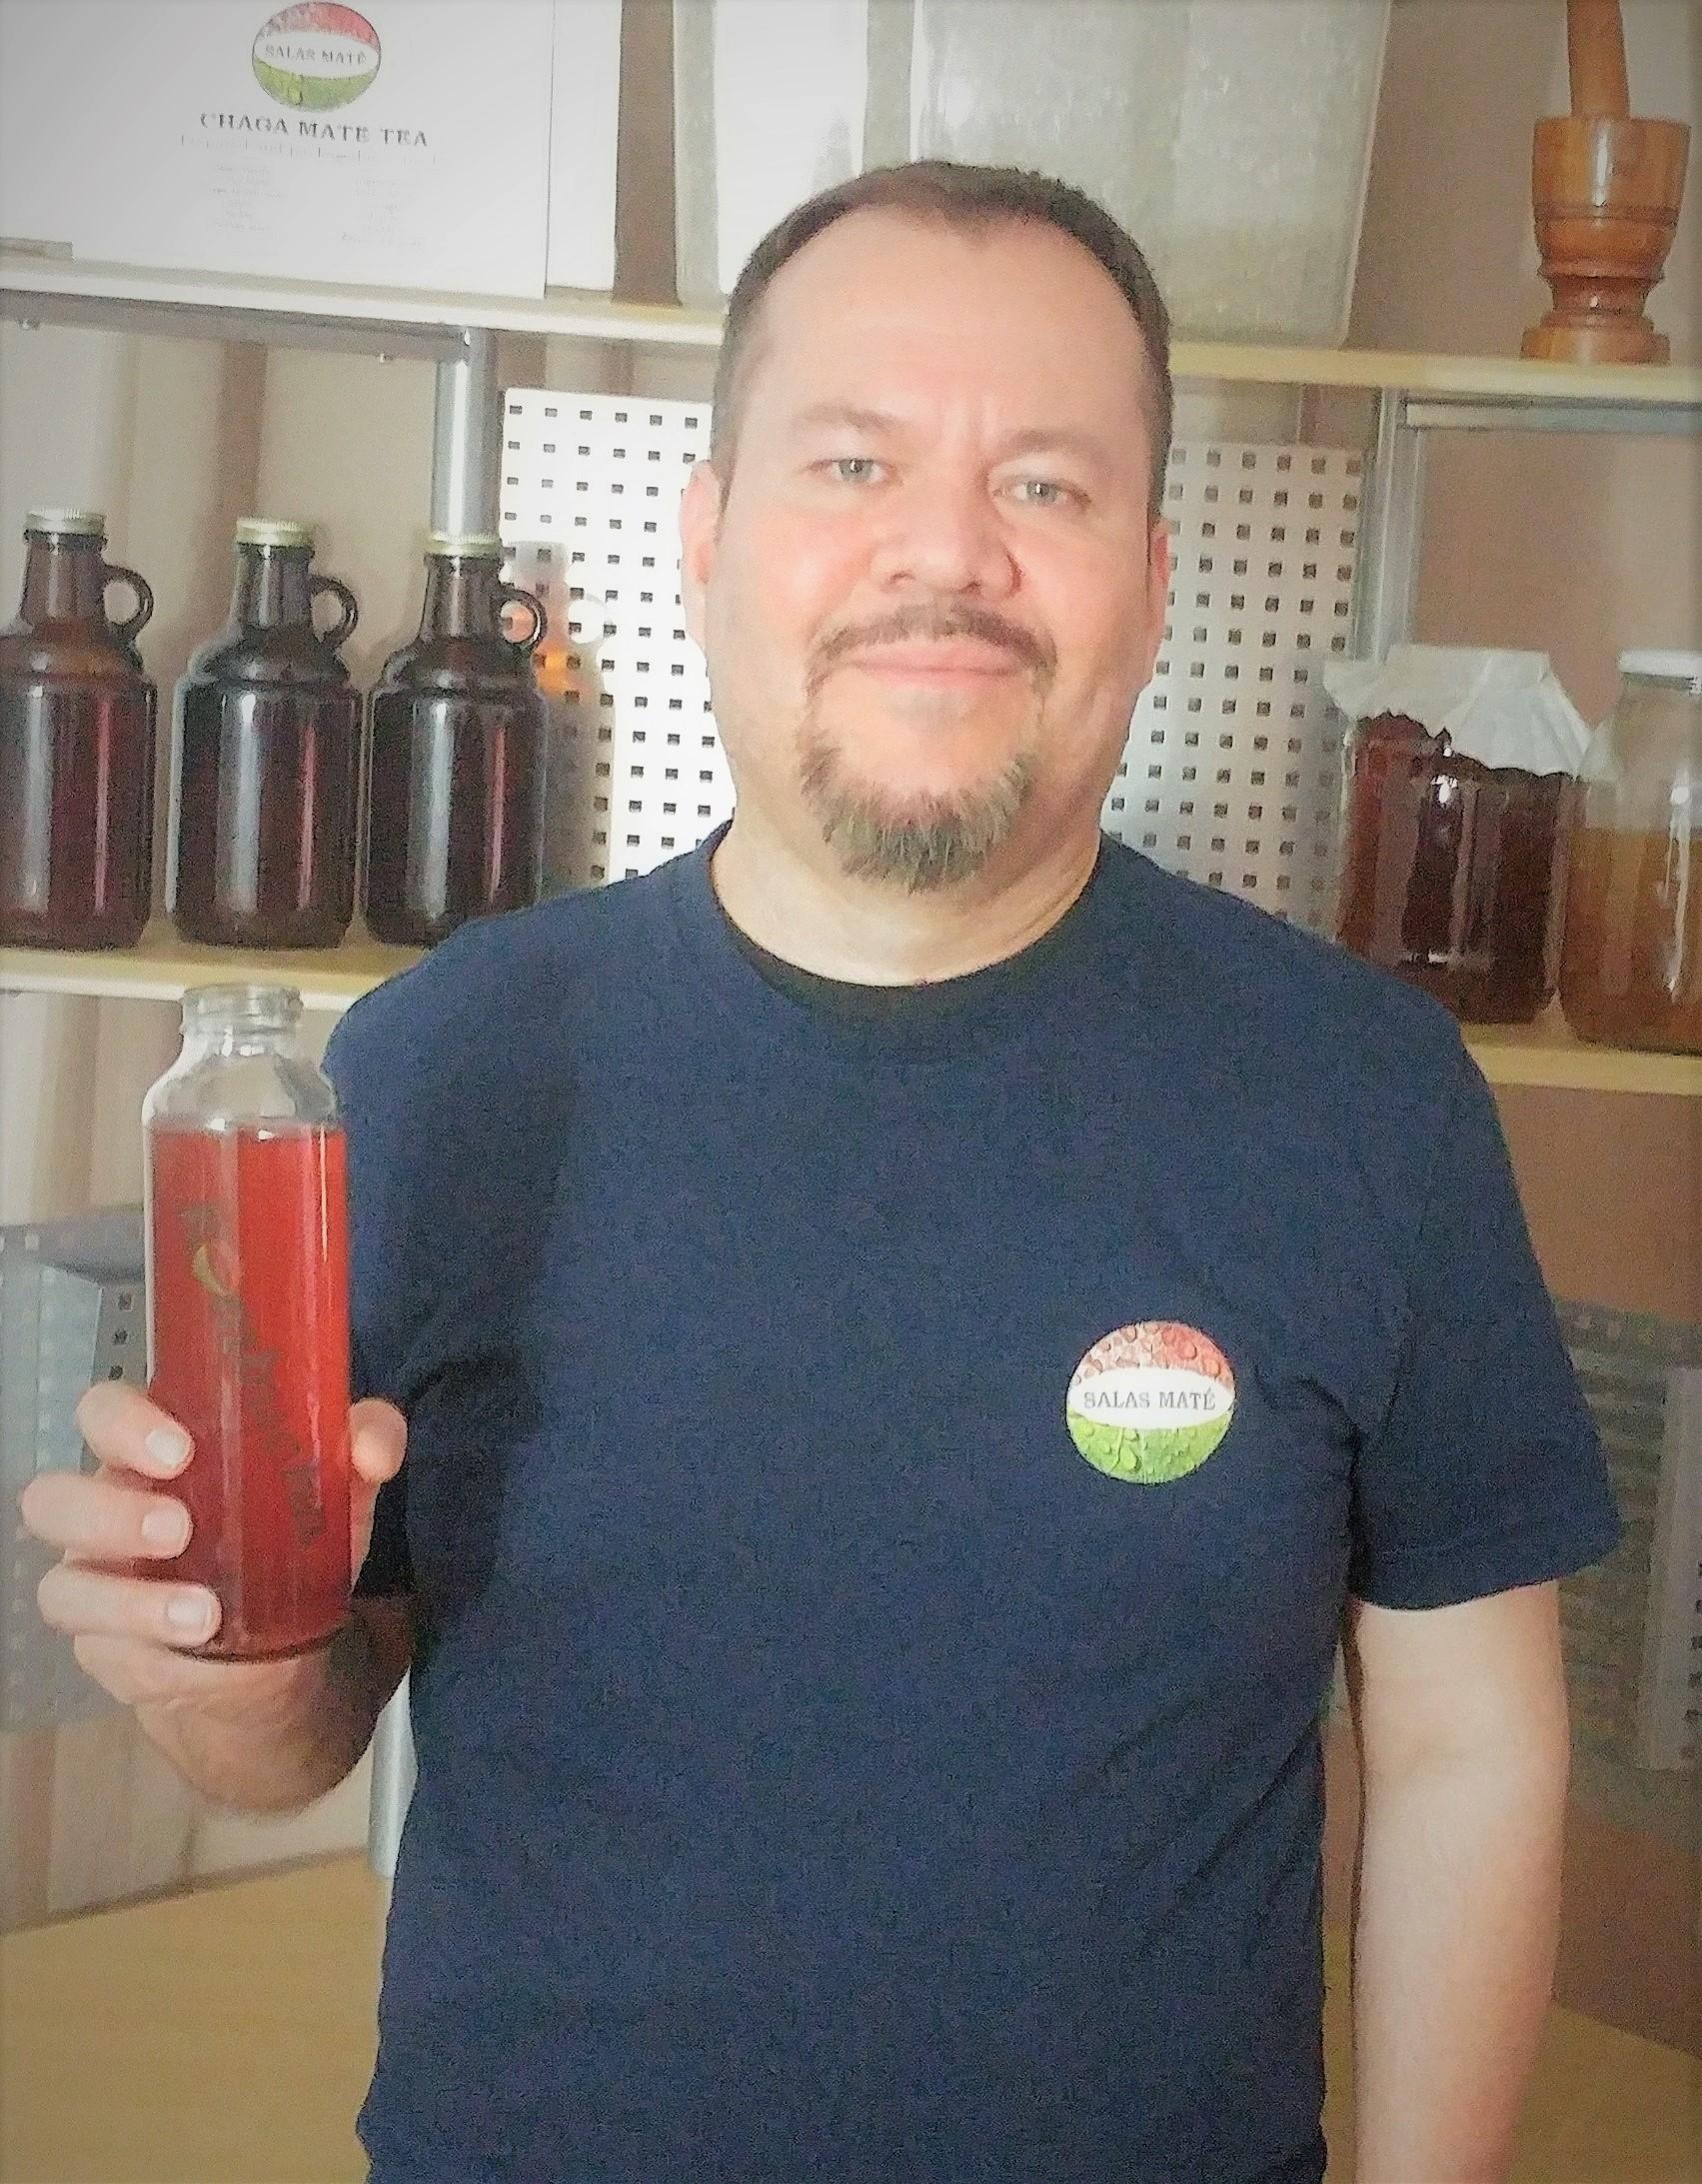 Salas Maté Kombucha    (Paraguay)   Nous avons donnés à Manannova le mandat de créer une recette pour produire un kombucha à partir d'un ingrédient non-traditionnel. Le résultat fût excellent! L'équipe a développé un produit de première qualité. Recette en main, nous partons en Amérique du Sud pour débuter notre production bientôt.   – Nicolas Salas, Fondateur.